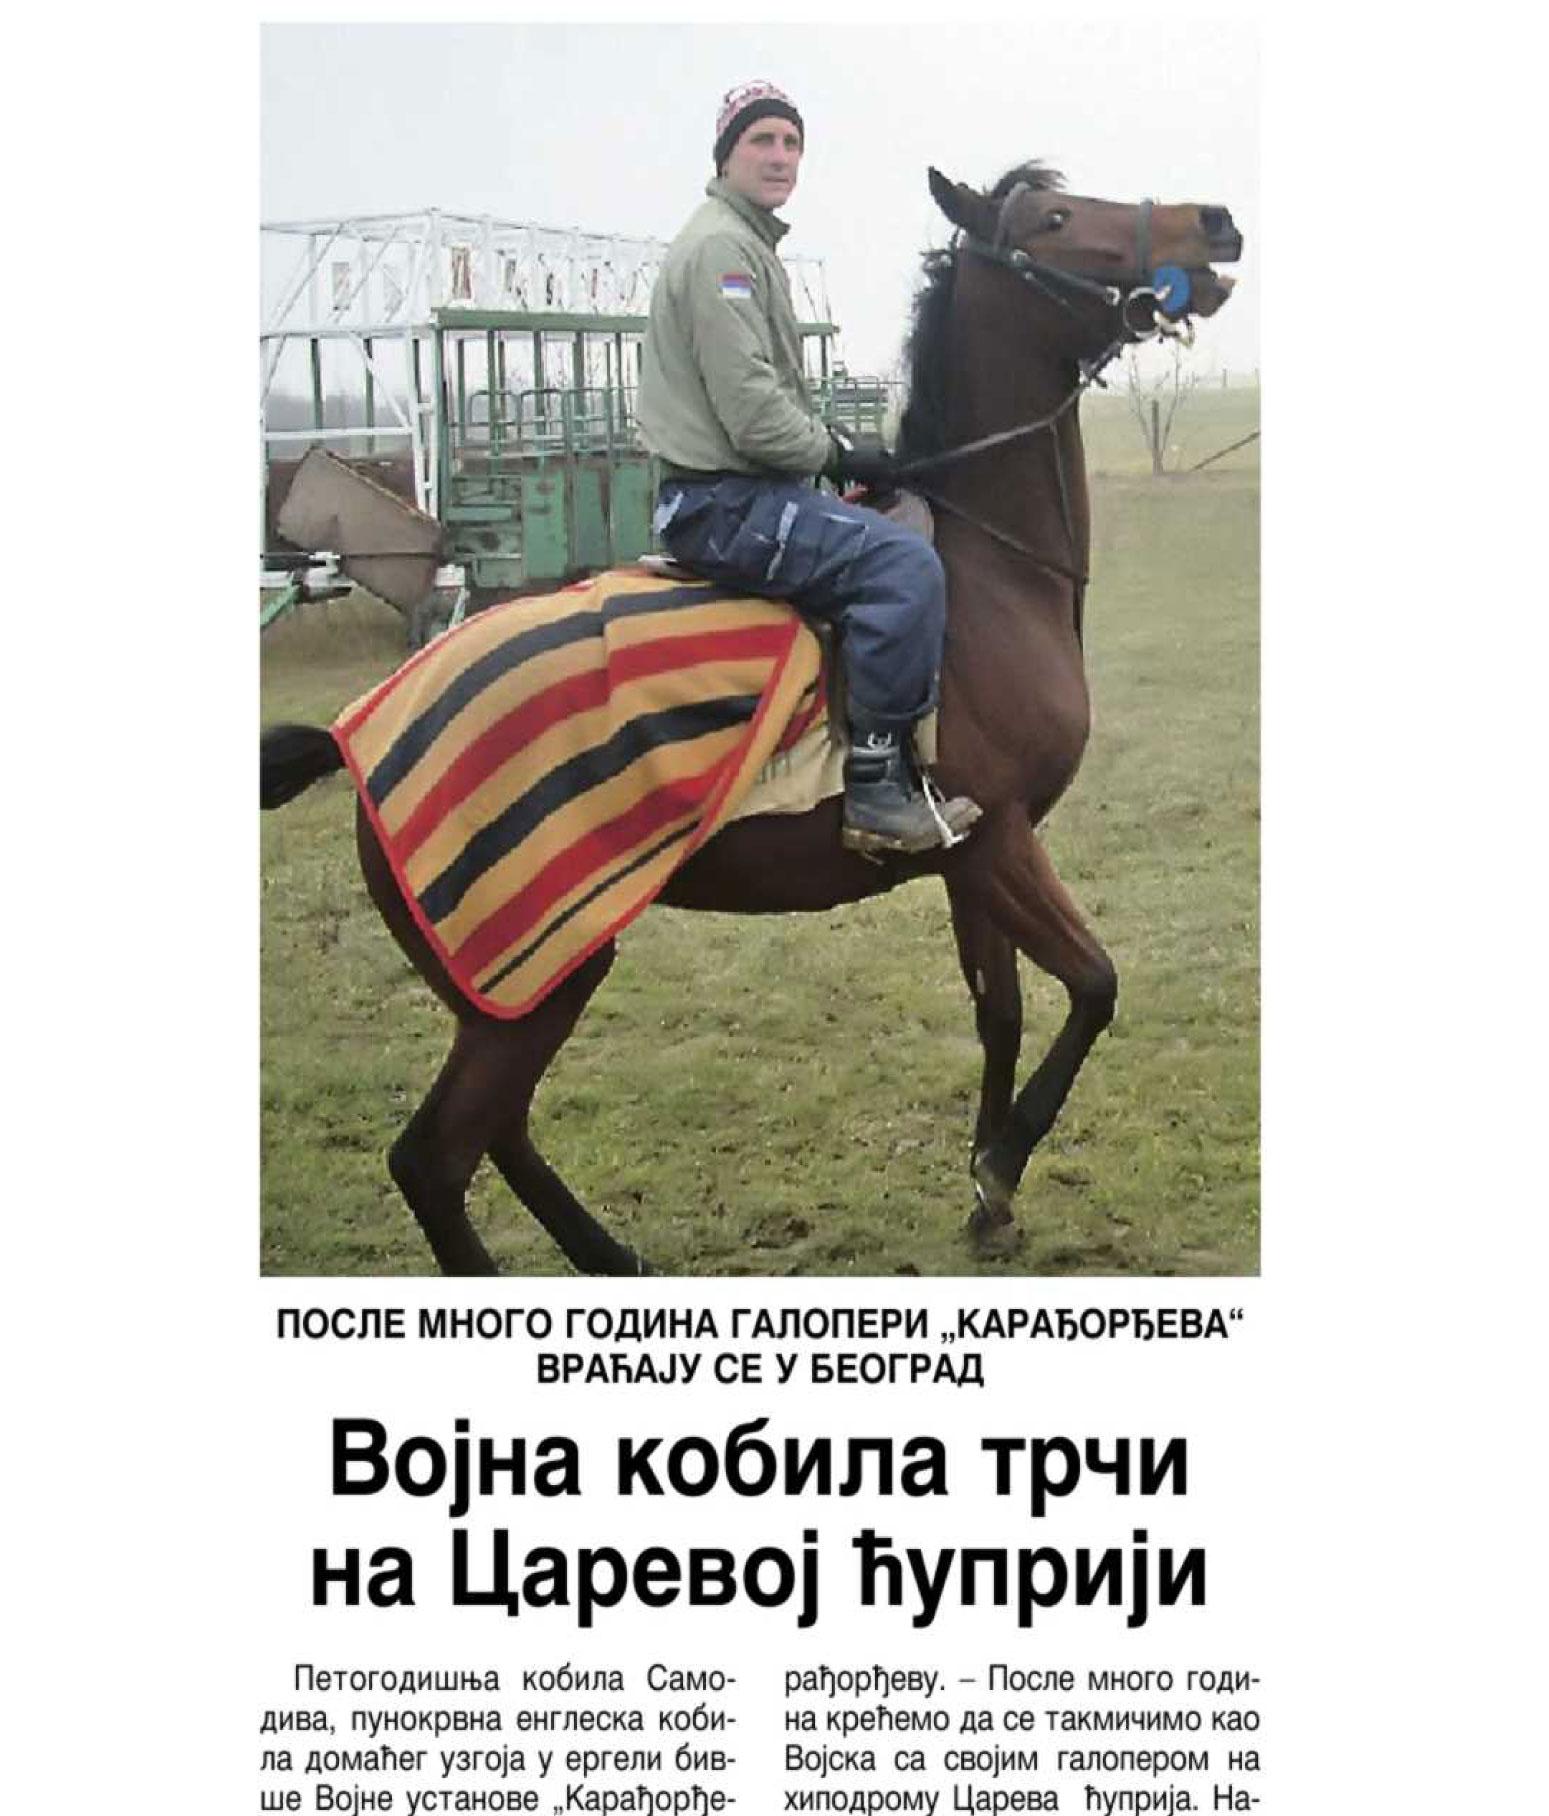 Vojna kobila trči na Carevoj ćupriji